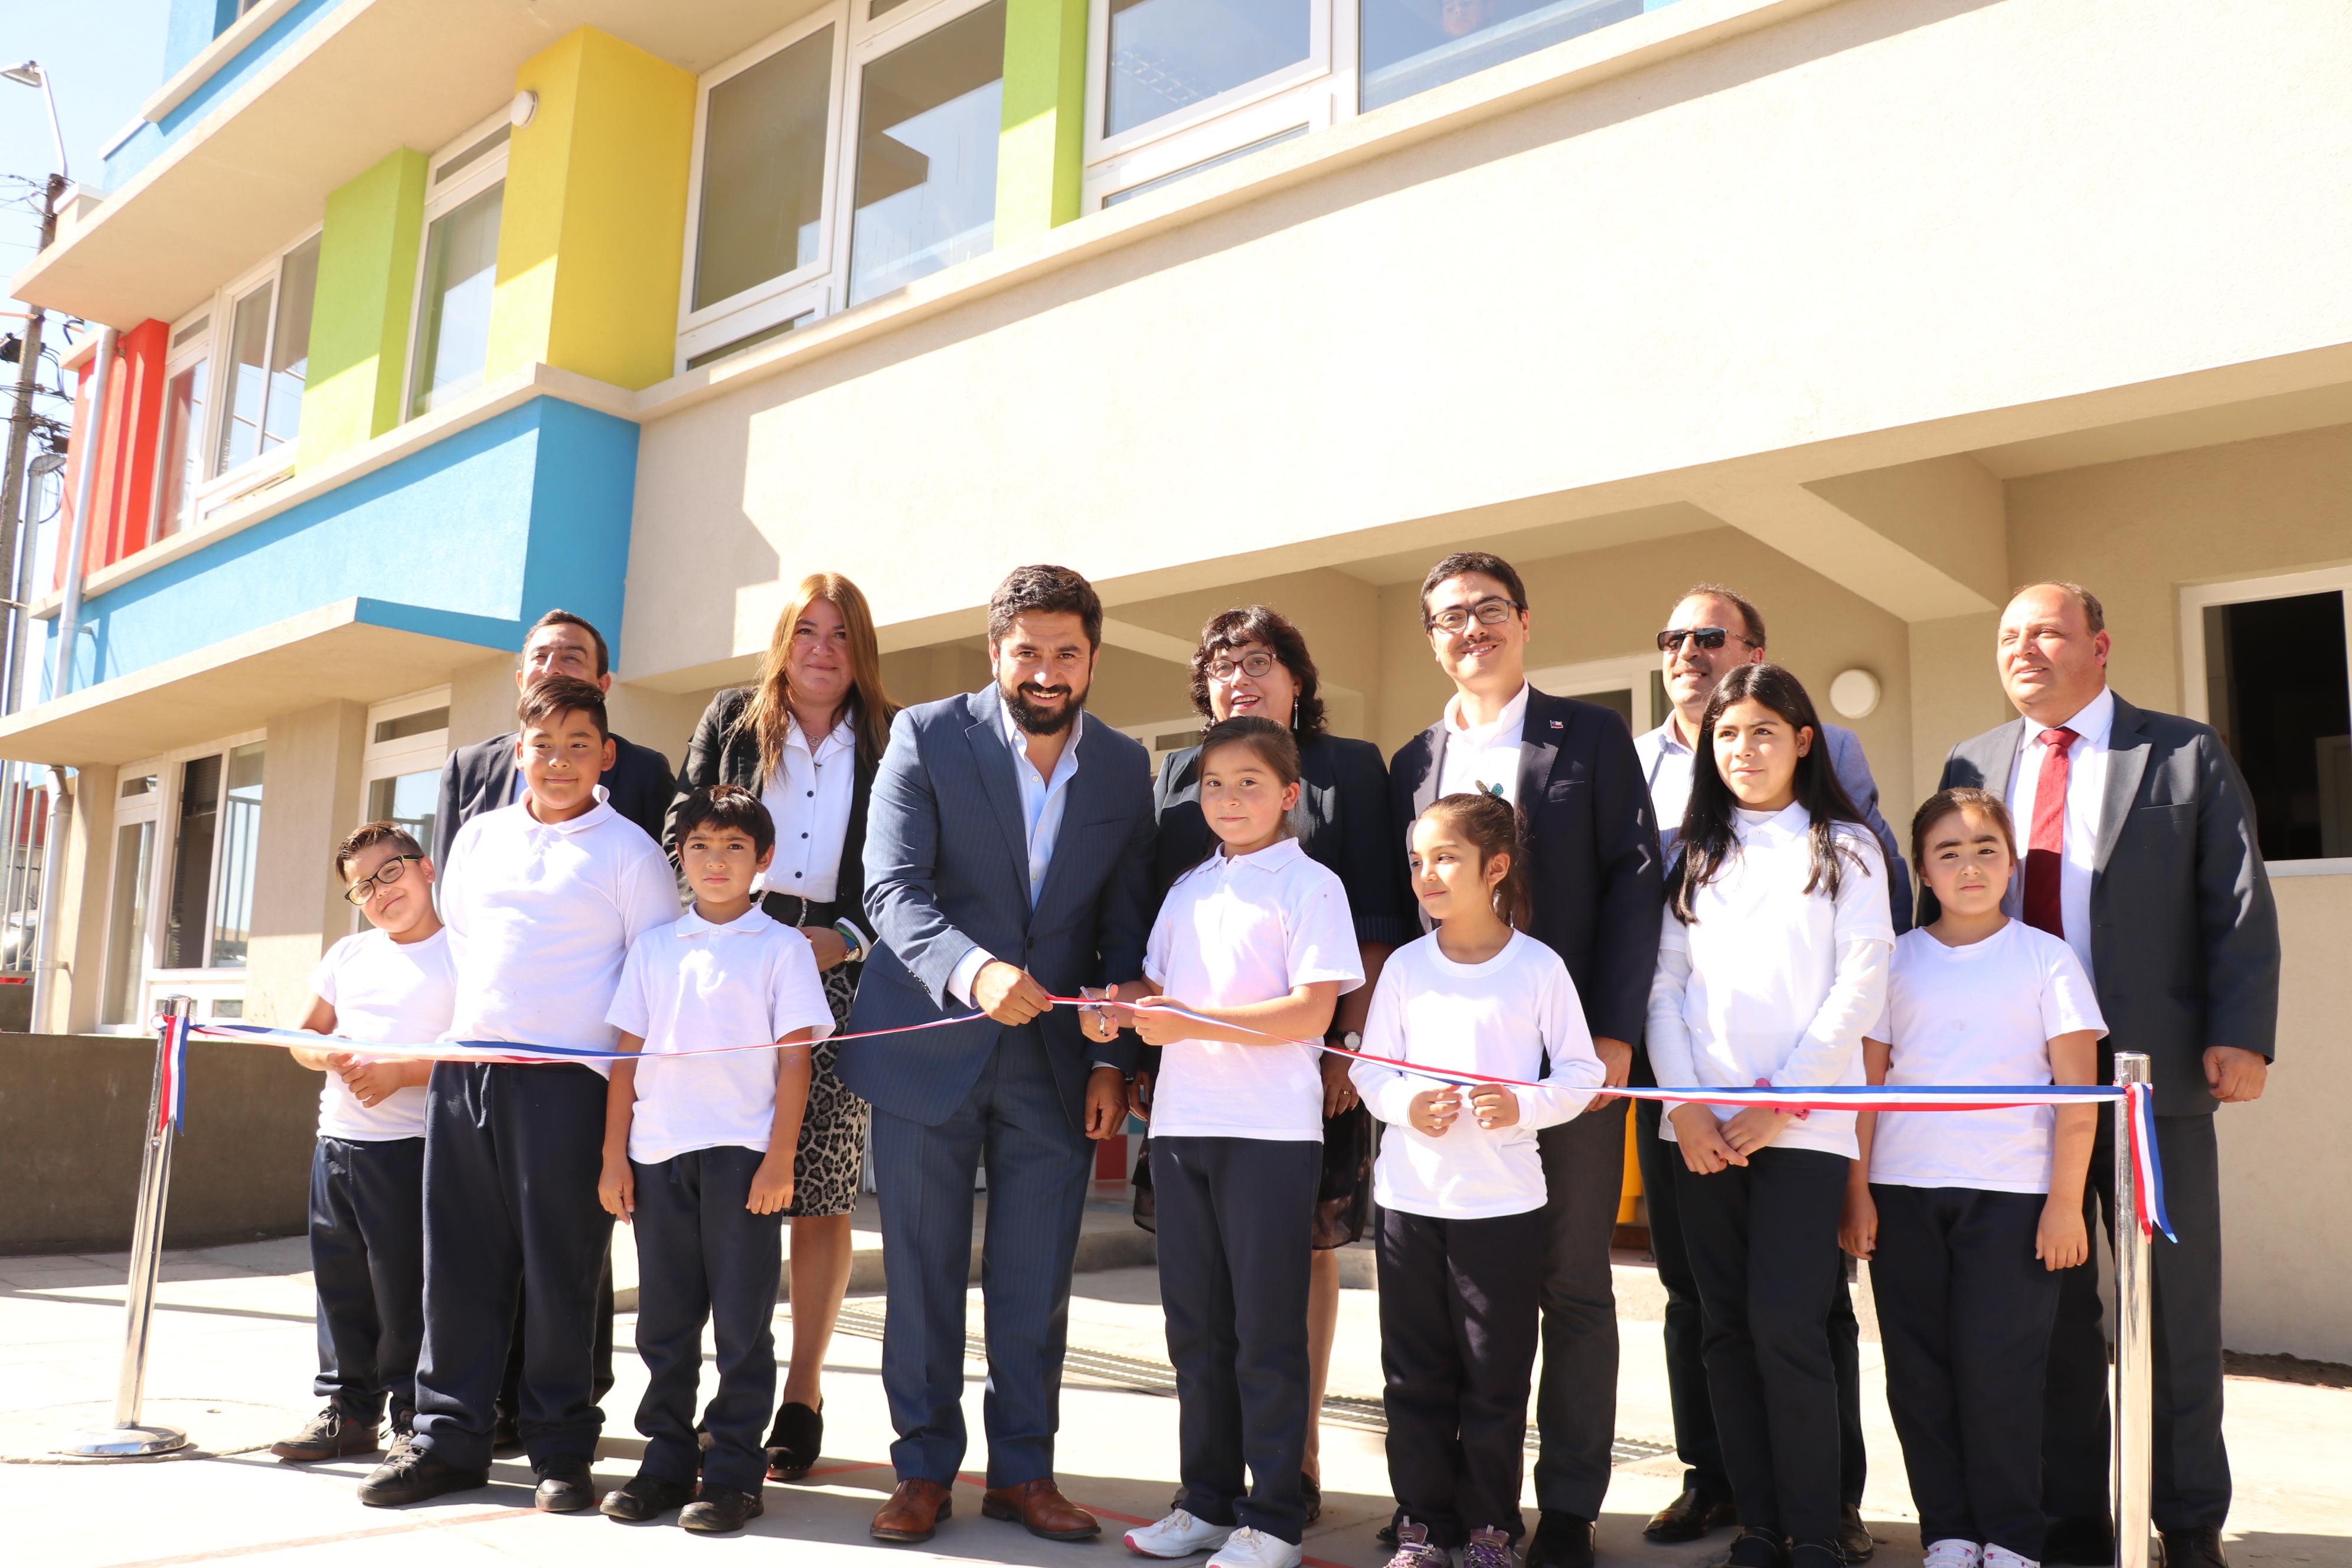 Talcahuano inaugura Colegio Buena Vista Zaror y da inicio al nuevo año escolar